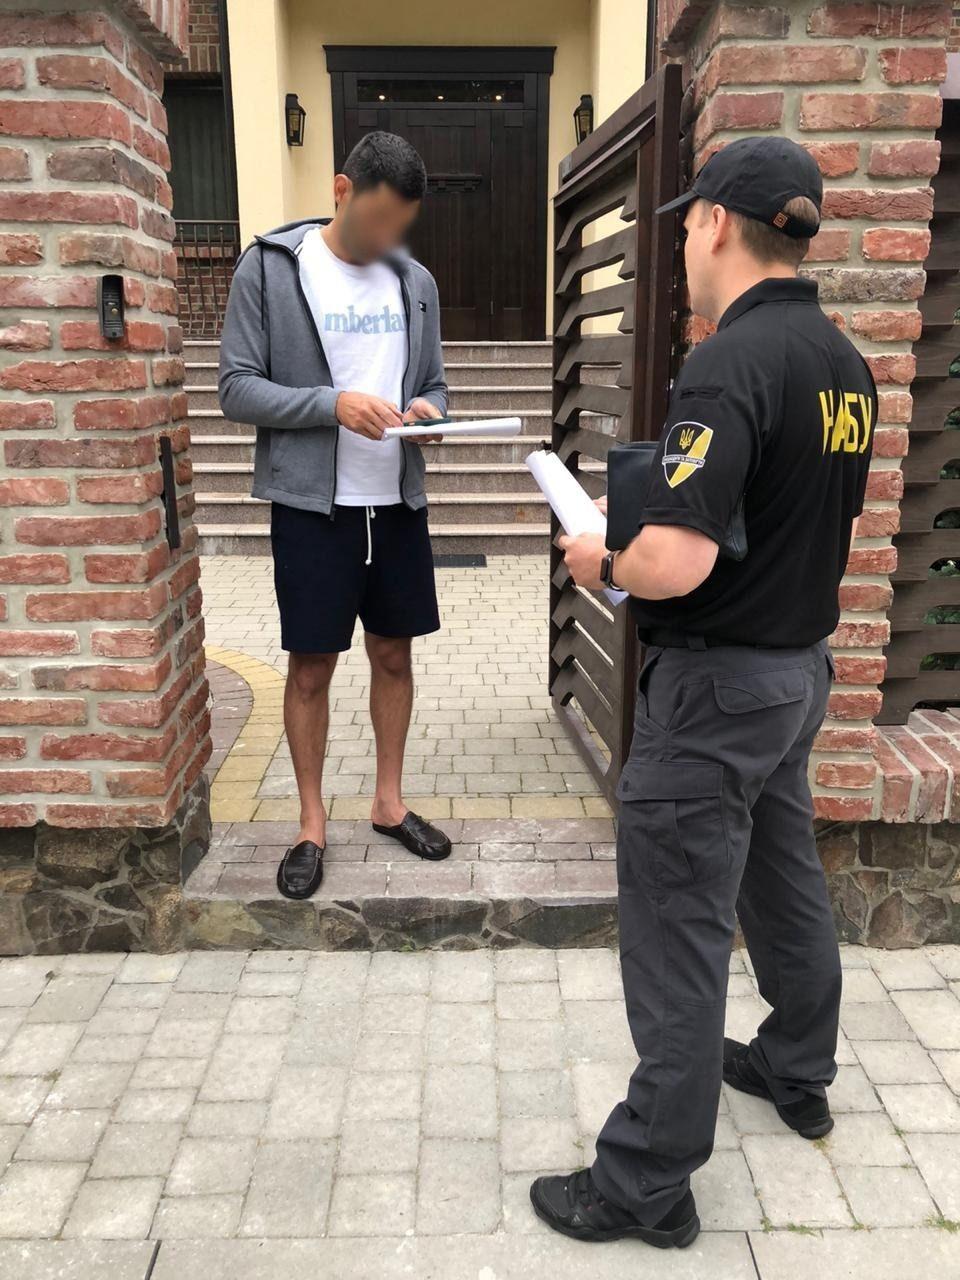 НАБУ вручило підозру одному з керівників Onur, фото-1